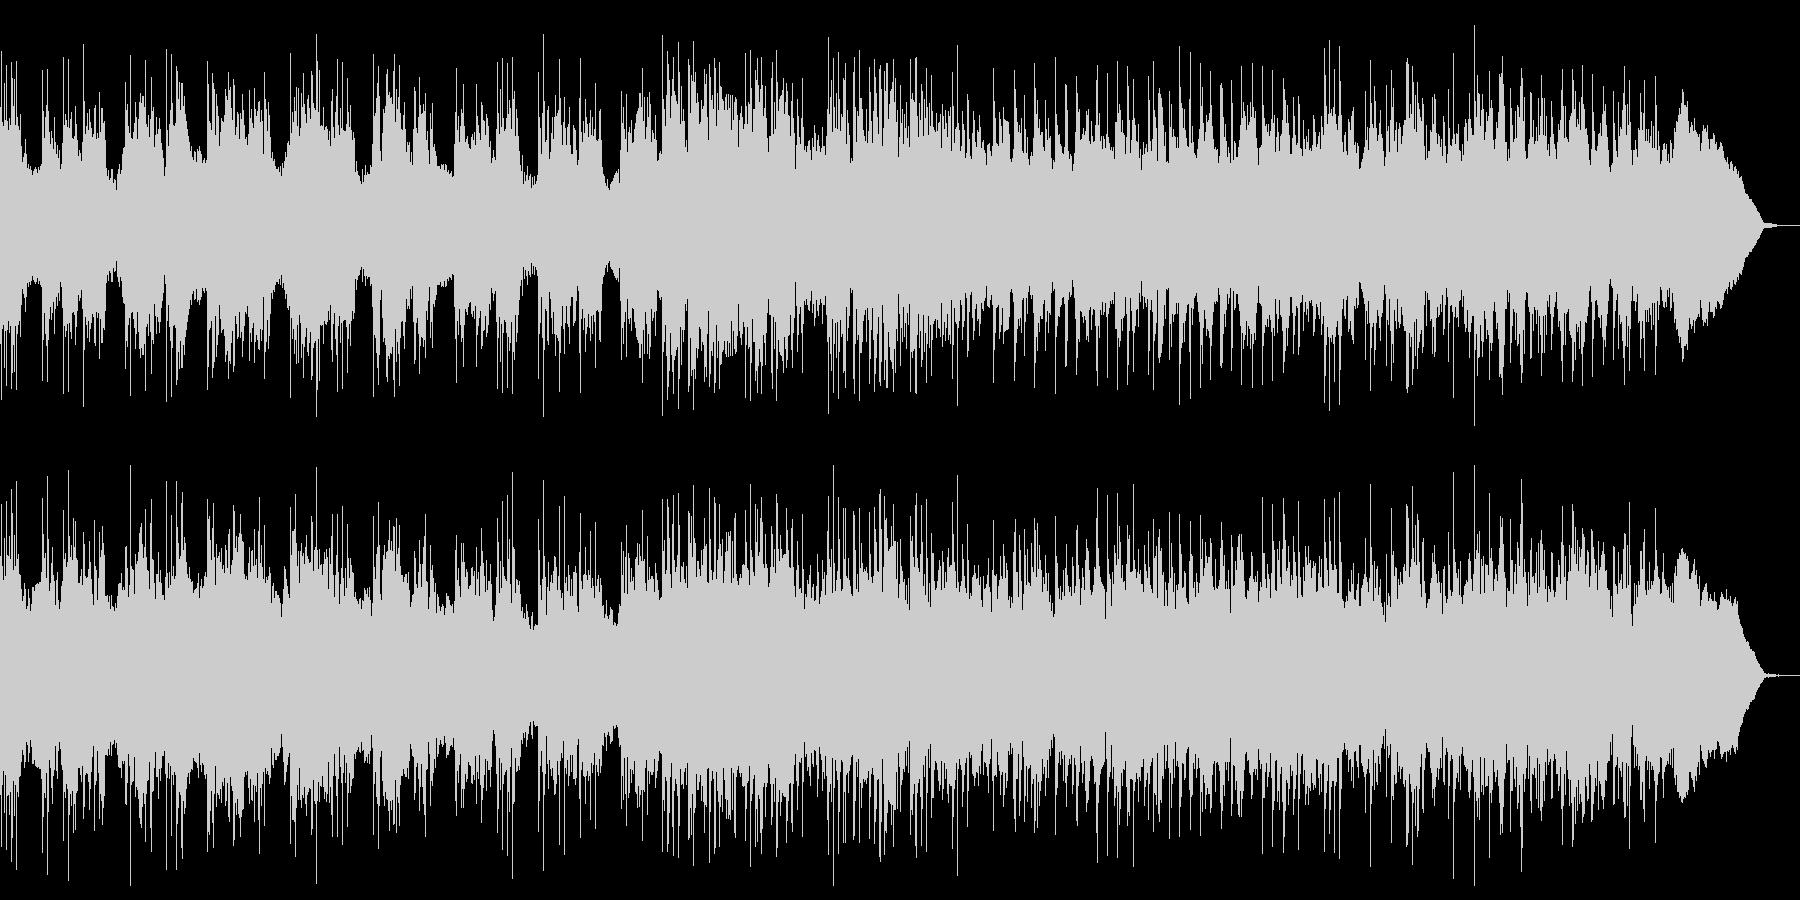 スロー、ダーク、重厚なヘビーメタルBGMの未再生の波形